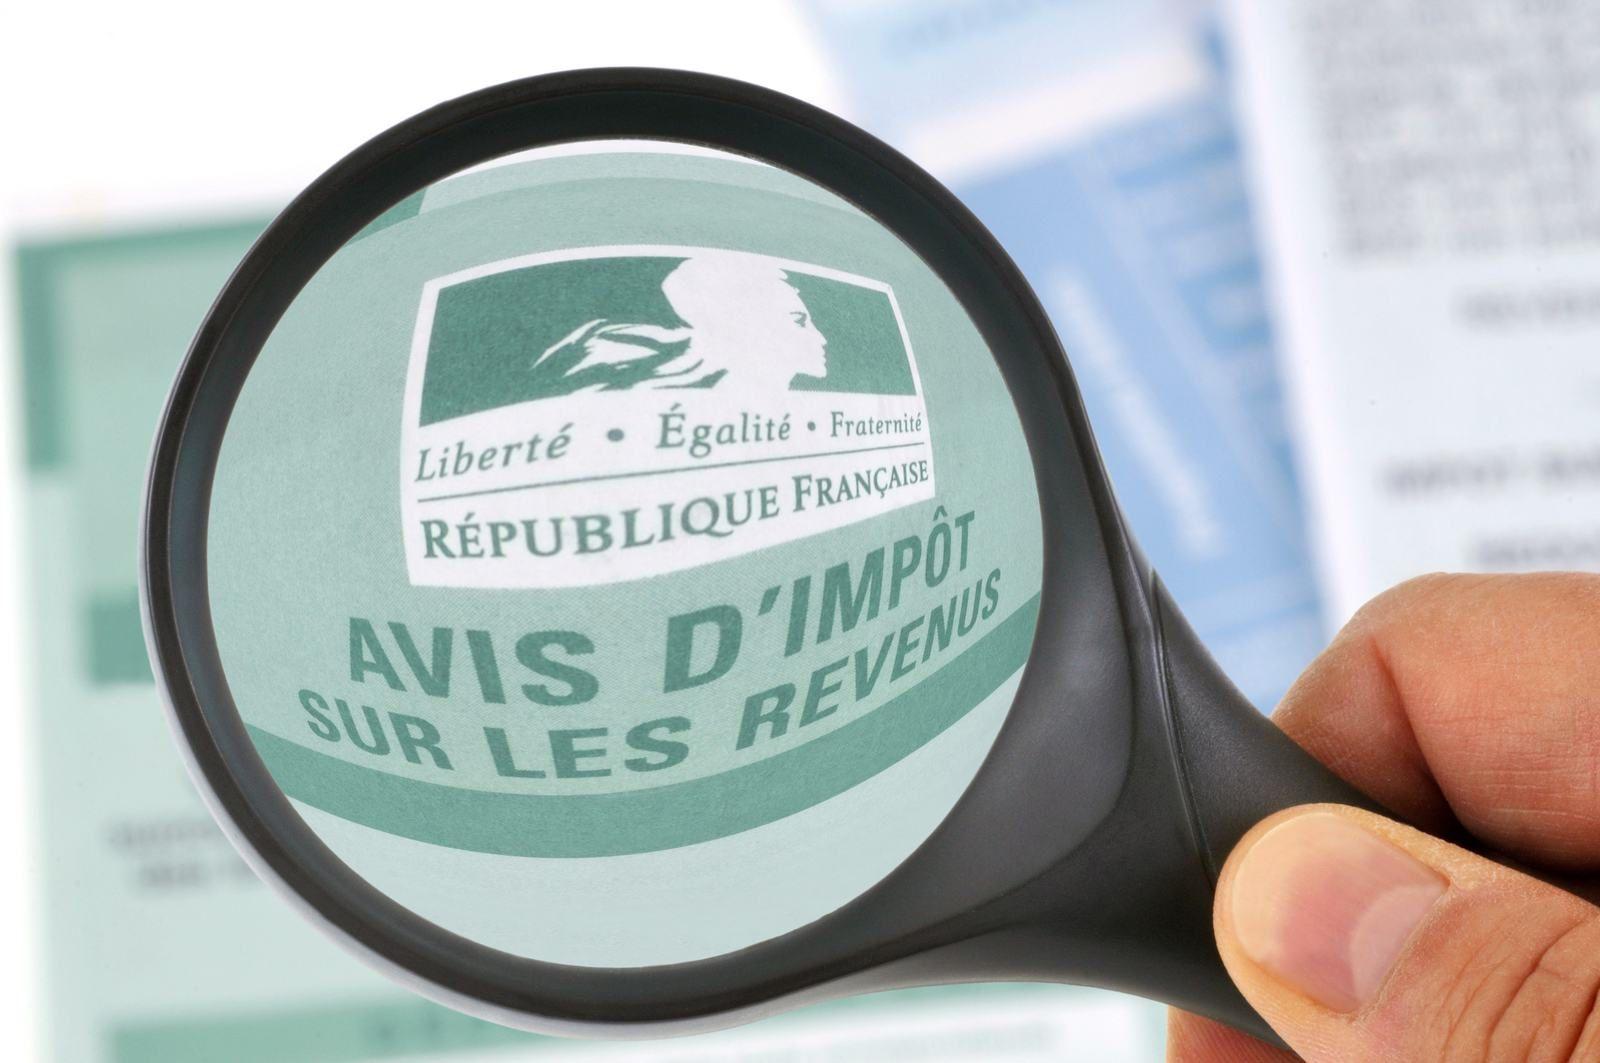 Les Français autorisés à insulter le gouvernement sur leur feuille d'impôt